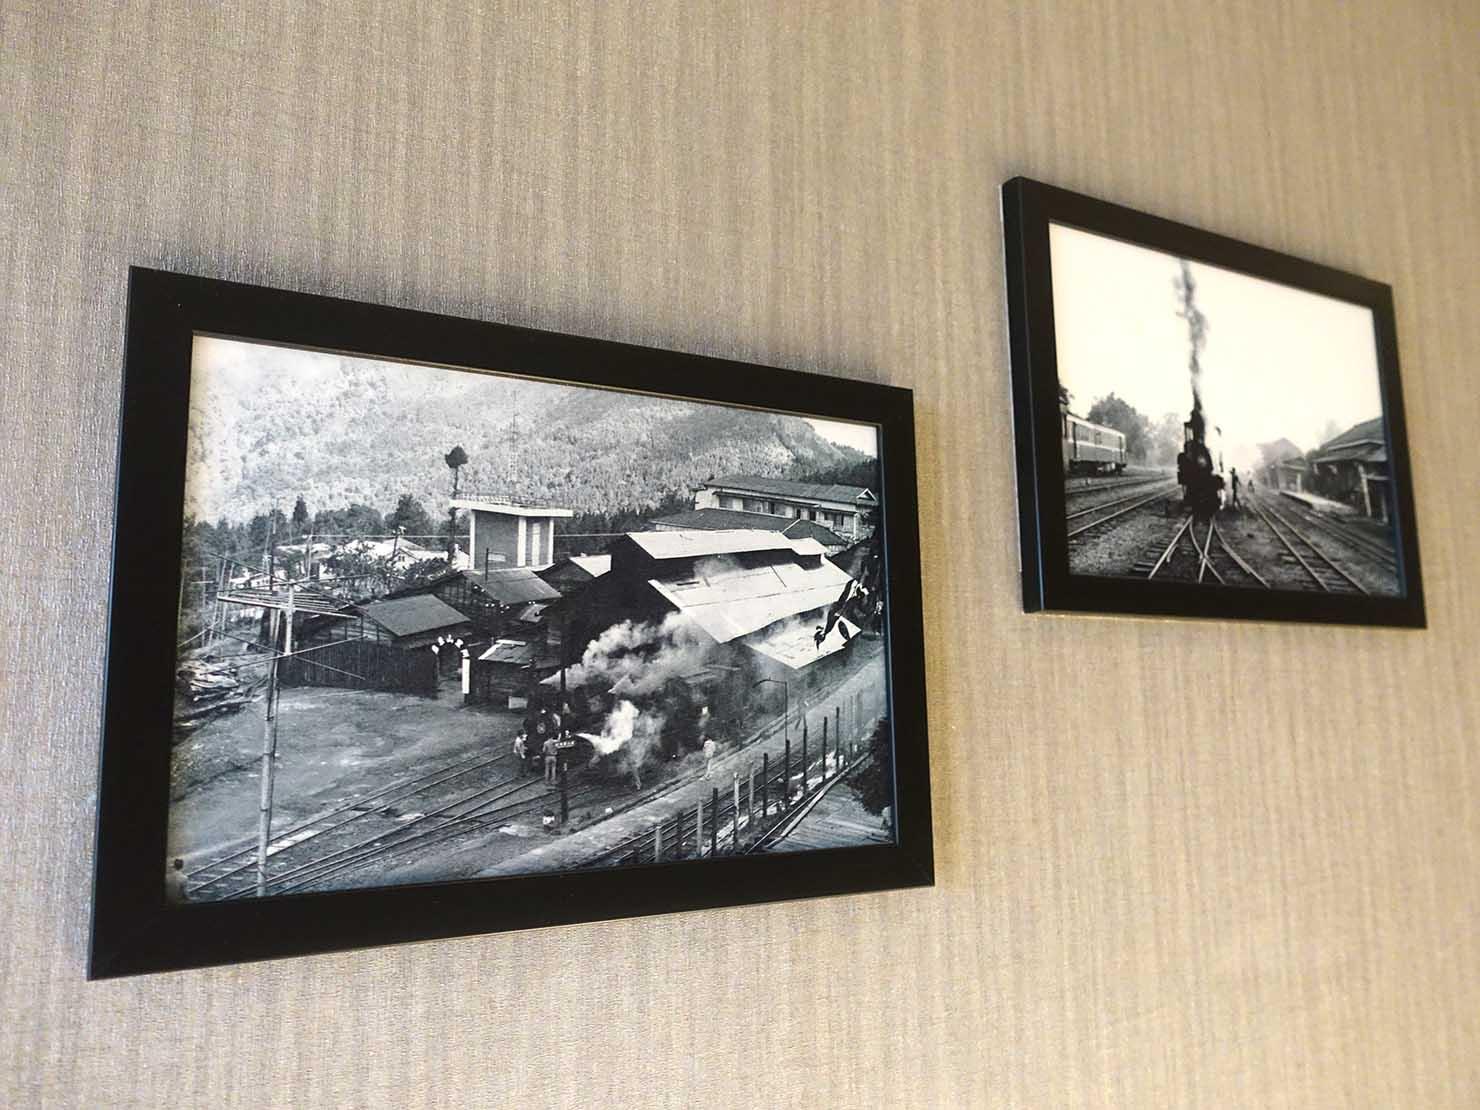 嘉義のおすすめホテル「嘉義觀止」觀止商務房(ツインルーム)の壁に掛けられた阿里山の写真